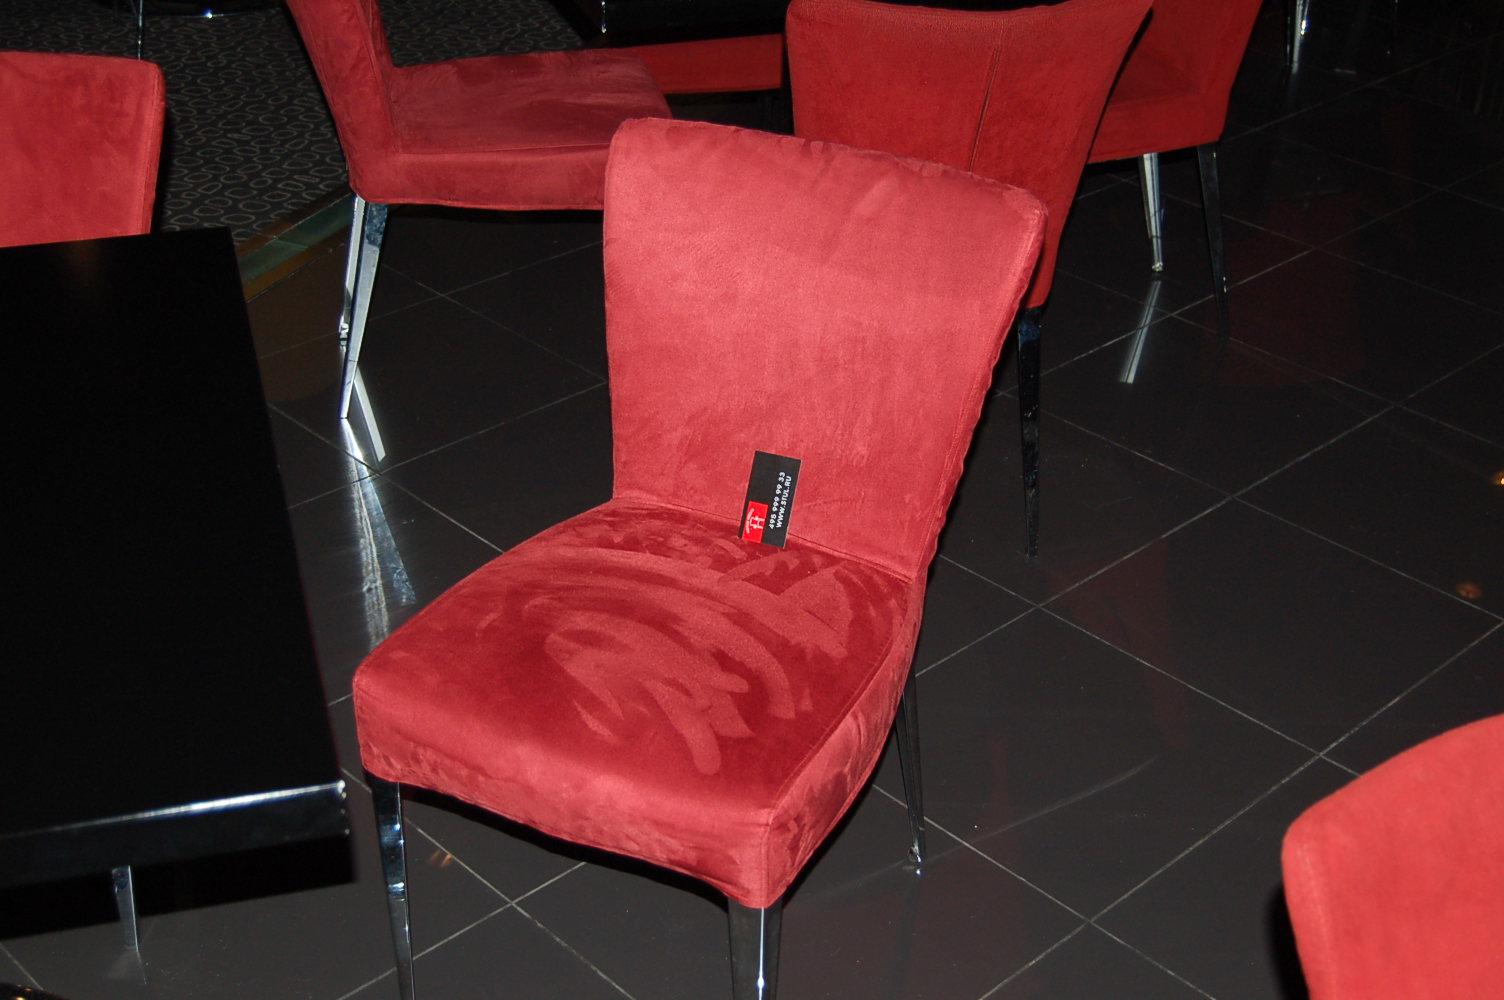 Как перетянуть стул своими руками. Перетяжка стульев своими руками 87